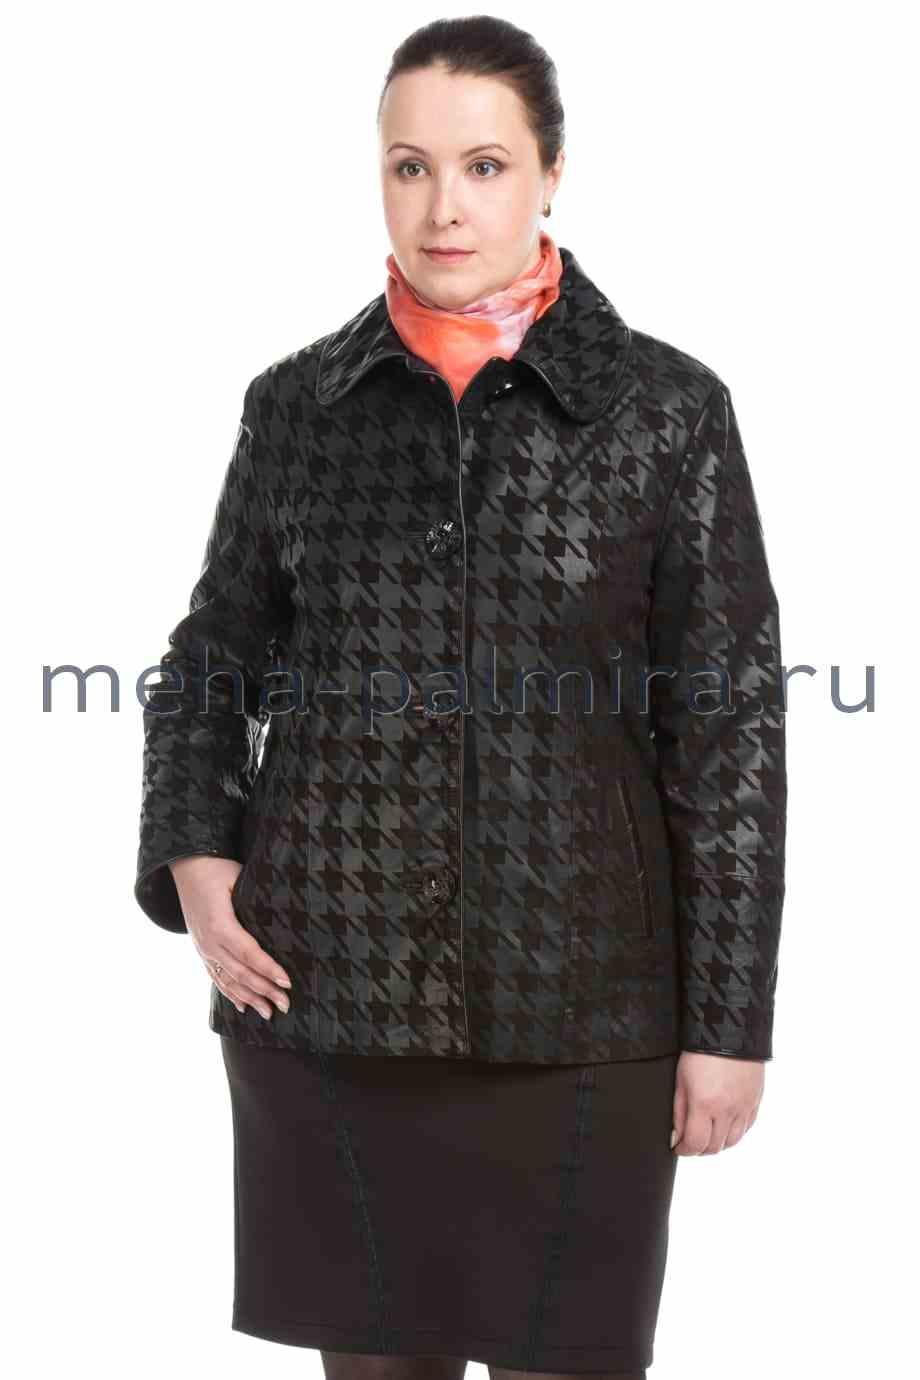 Черная кожаная куртка на пуговицах, геометрический принт